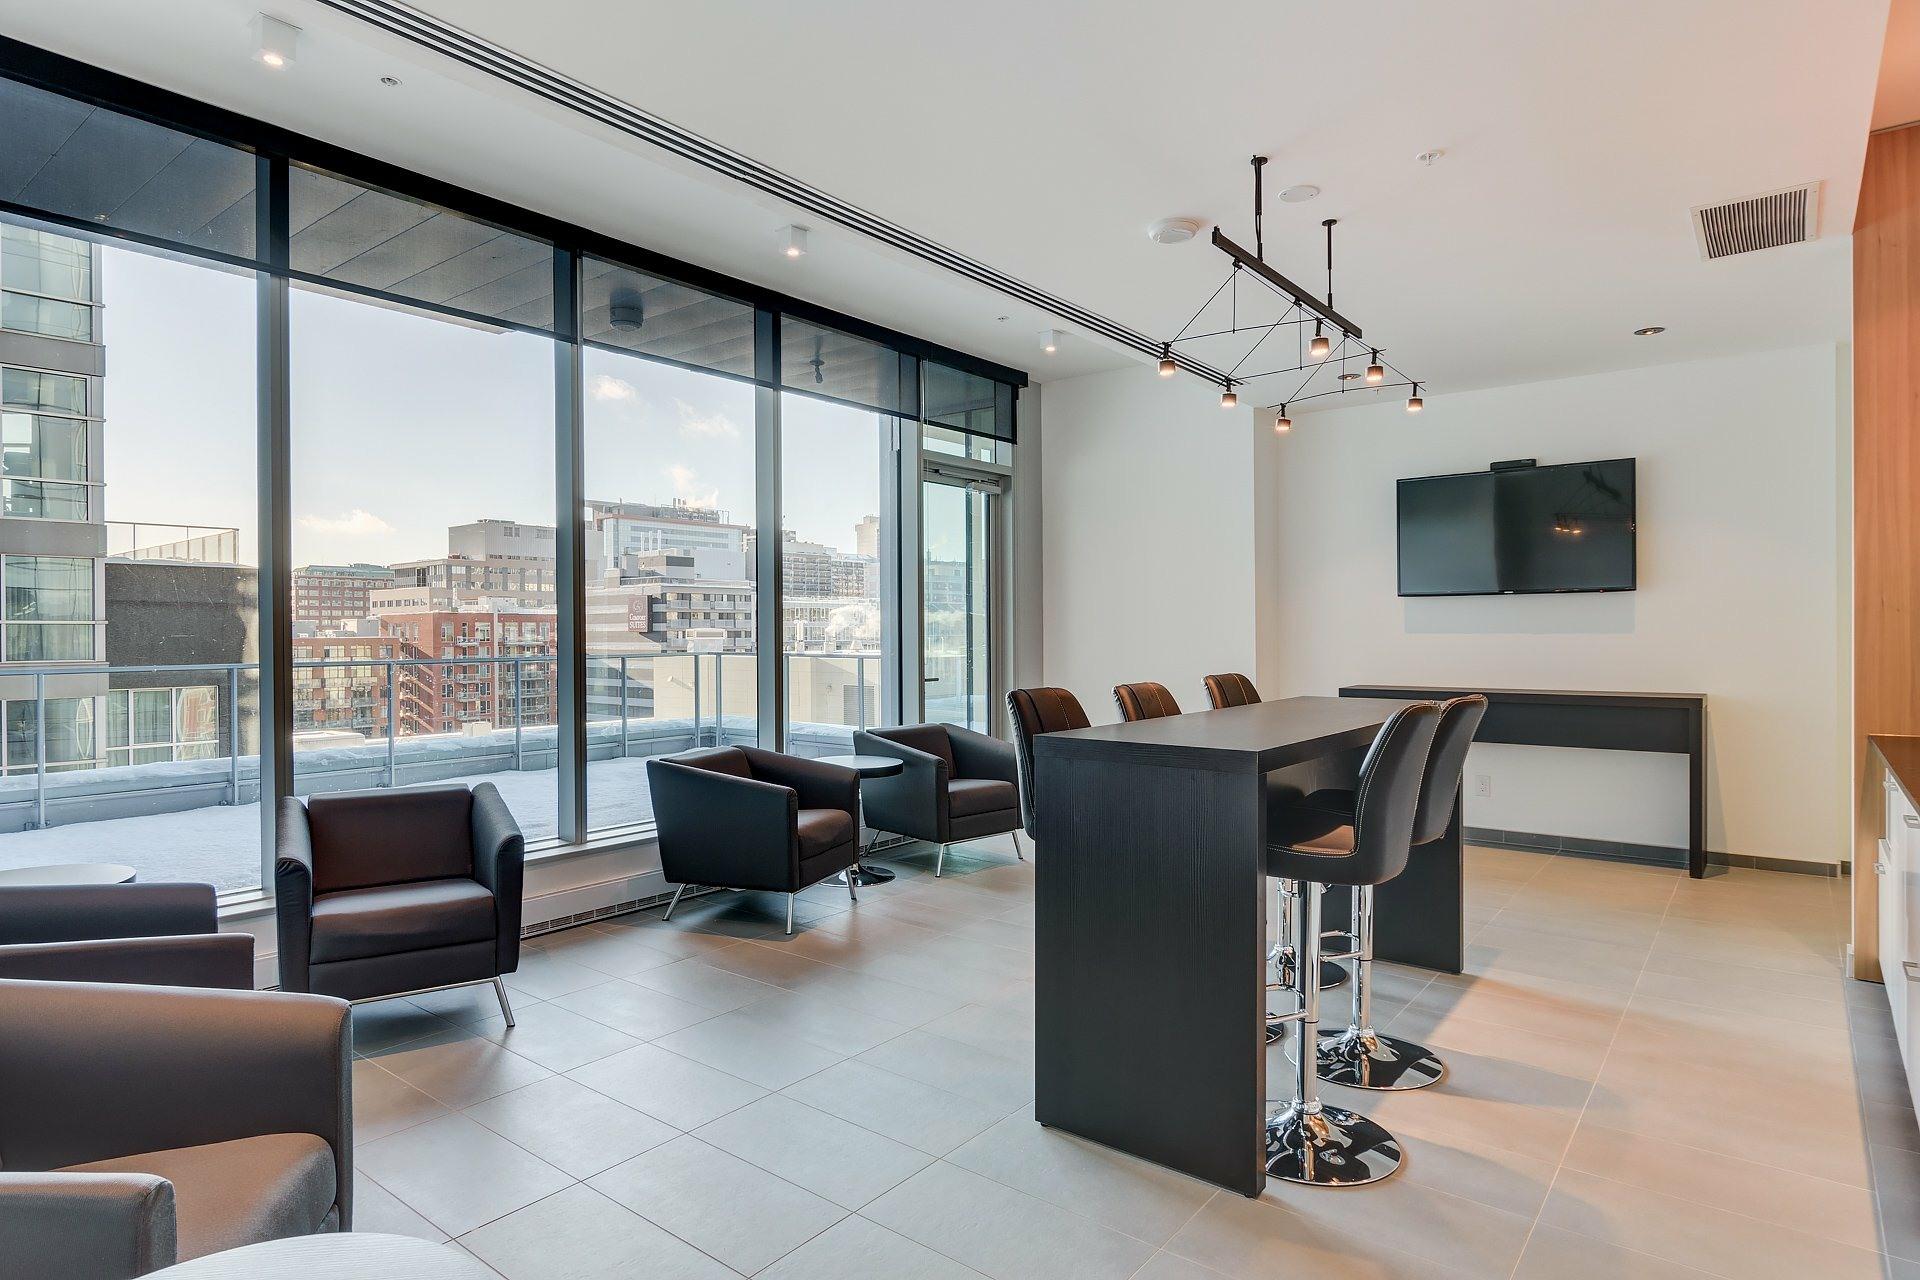 image 16 - Apartment For rent Ville-Marie Montréal  - 4 rooms